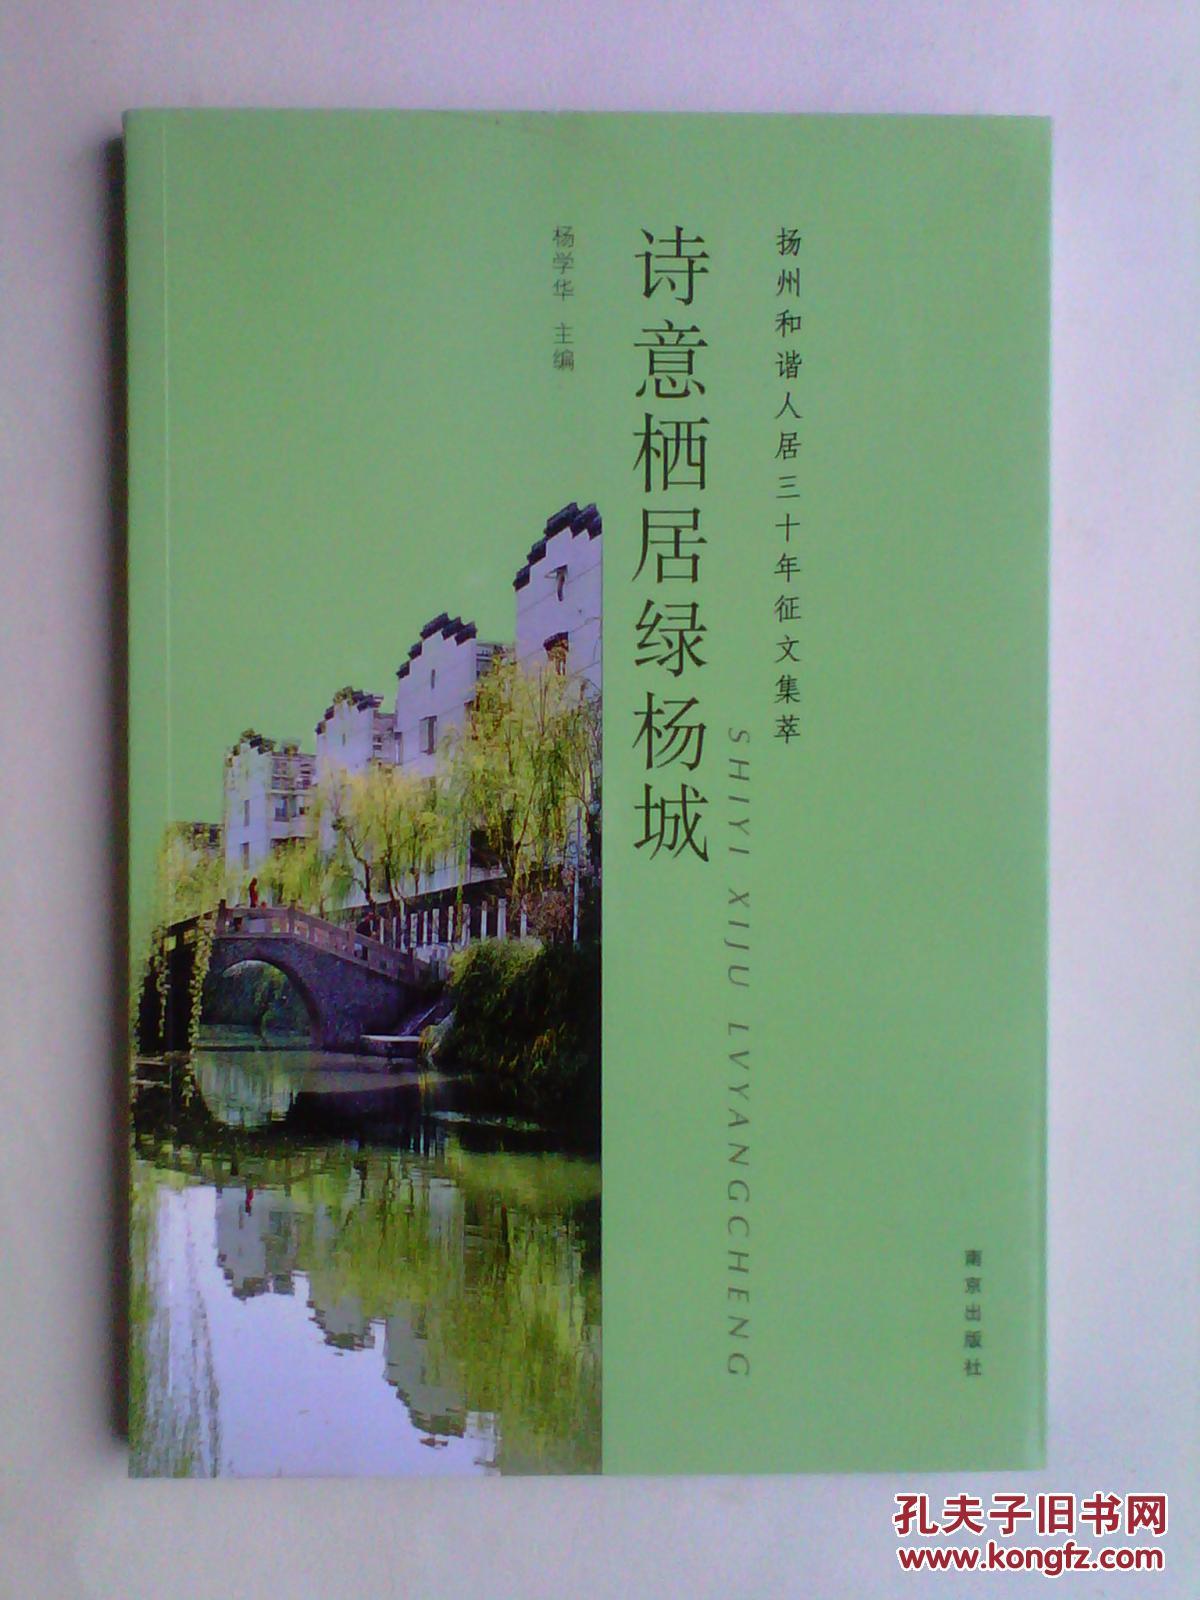 诗意栖居绿杨城:扬州和谐人居三十年征文集萃(全铜版纸印刷)